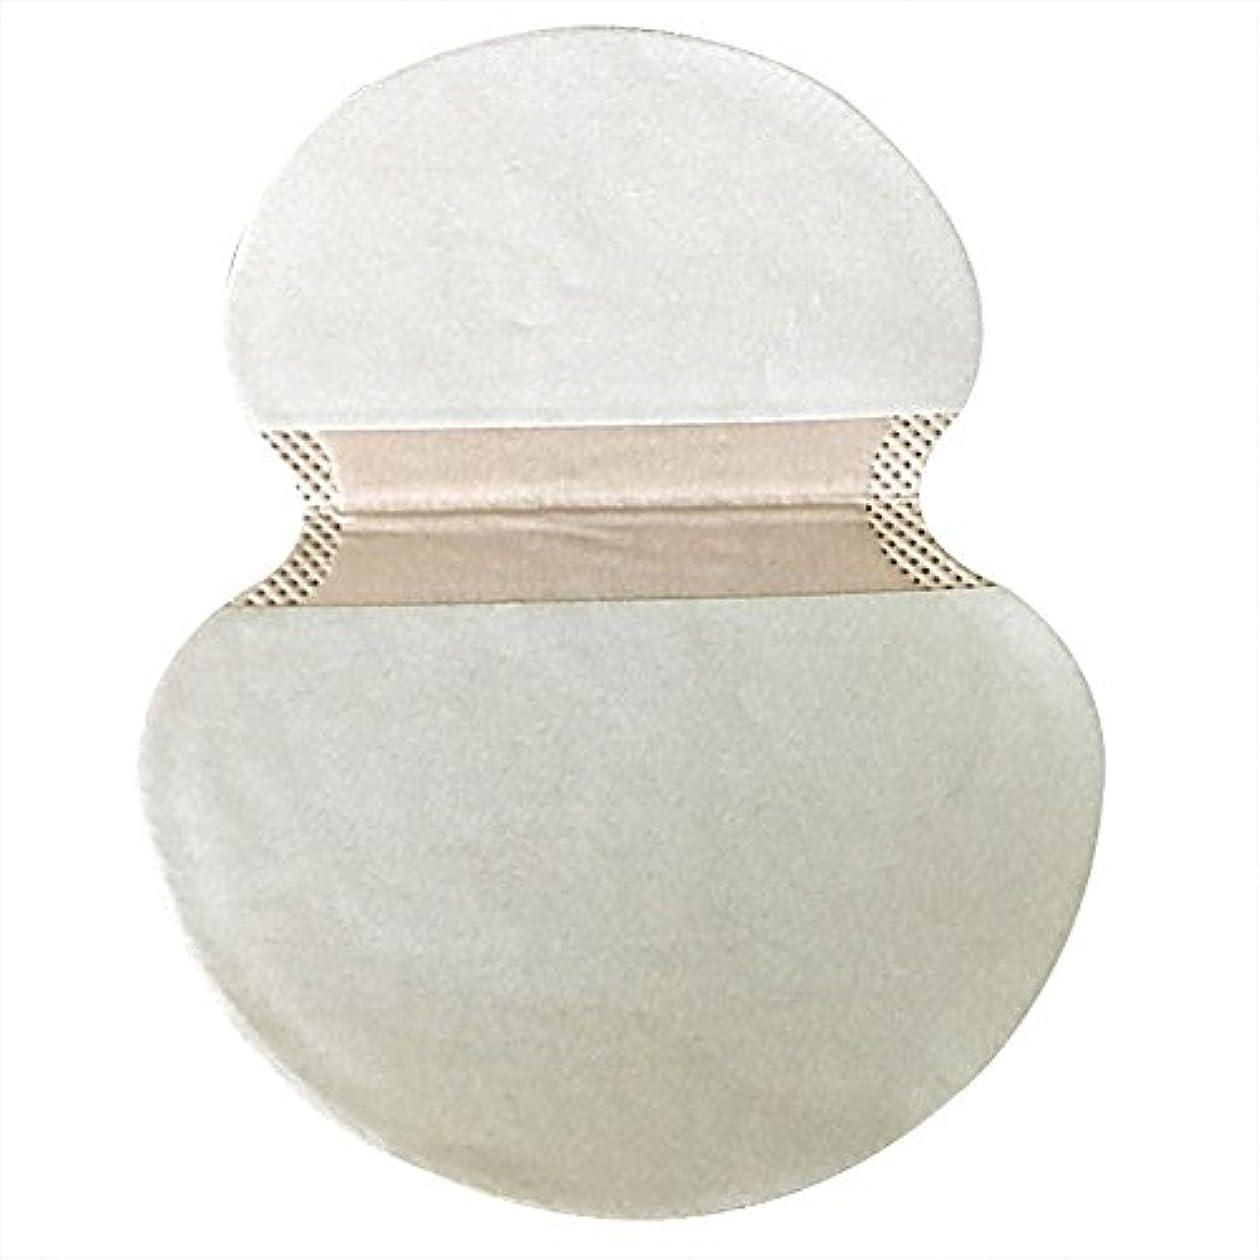 ハック既婚モーテルkiirou 汗取りパッド わき汗パット 10枚セット さらさら あせジミ防止 防臭シート 無香料 メンズ レディース 大きめ